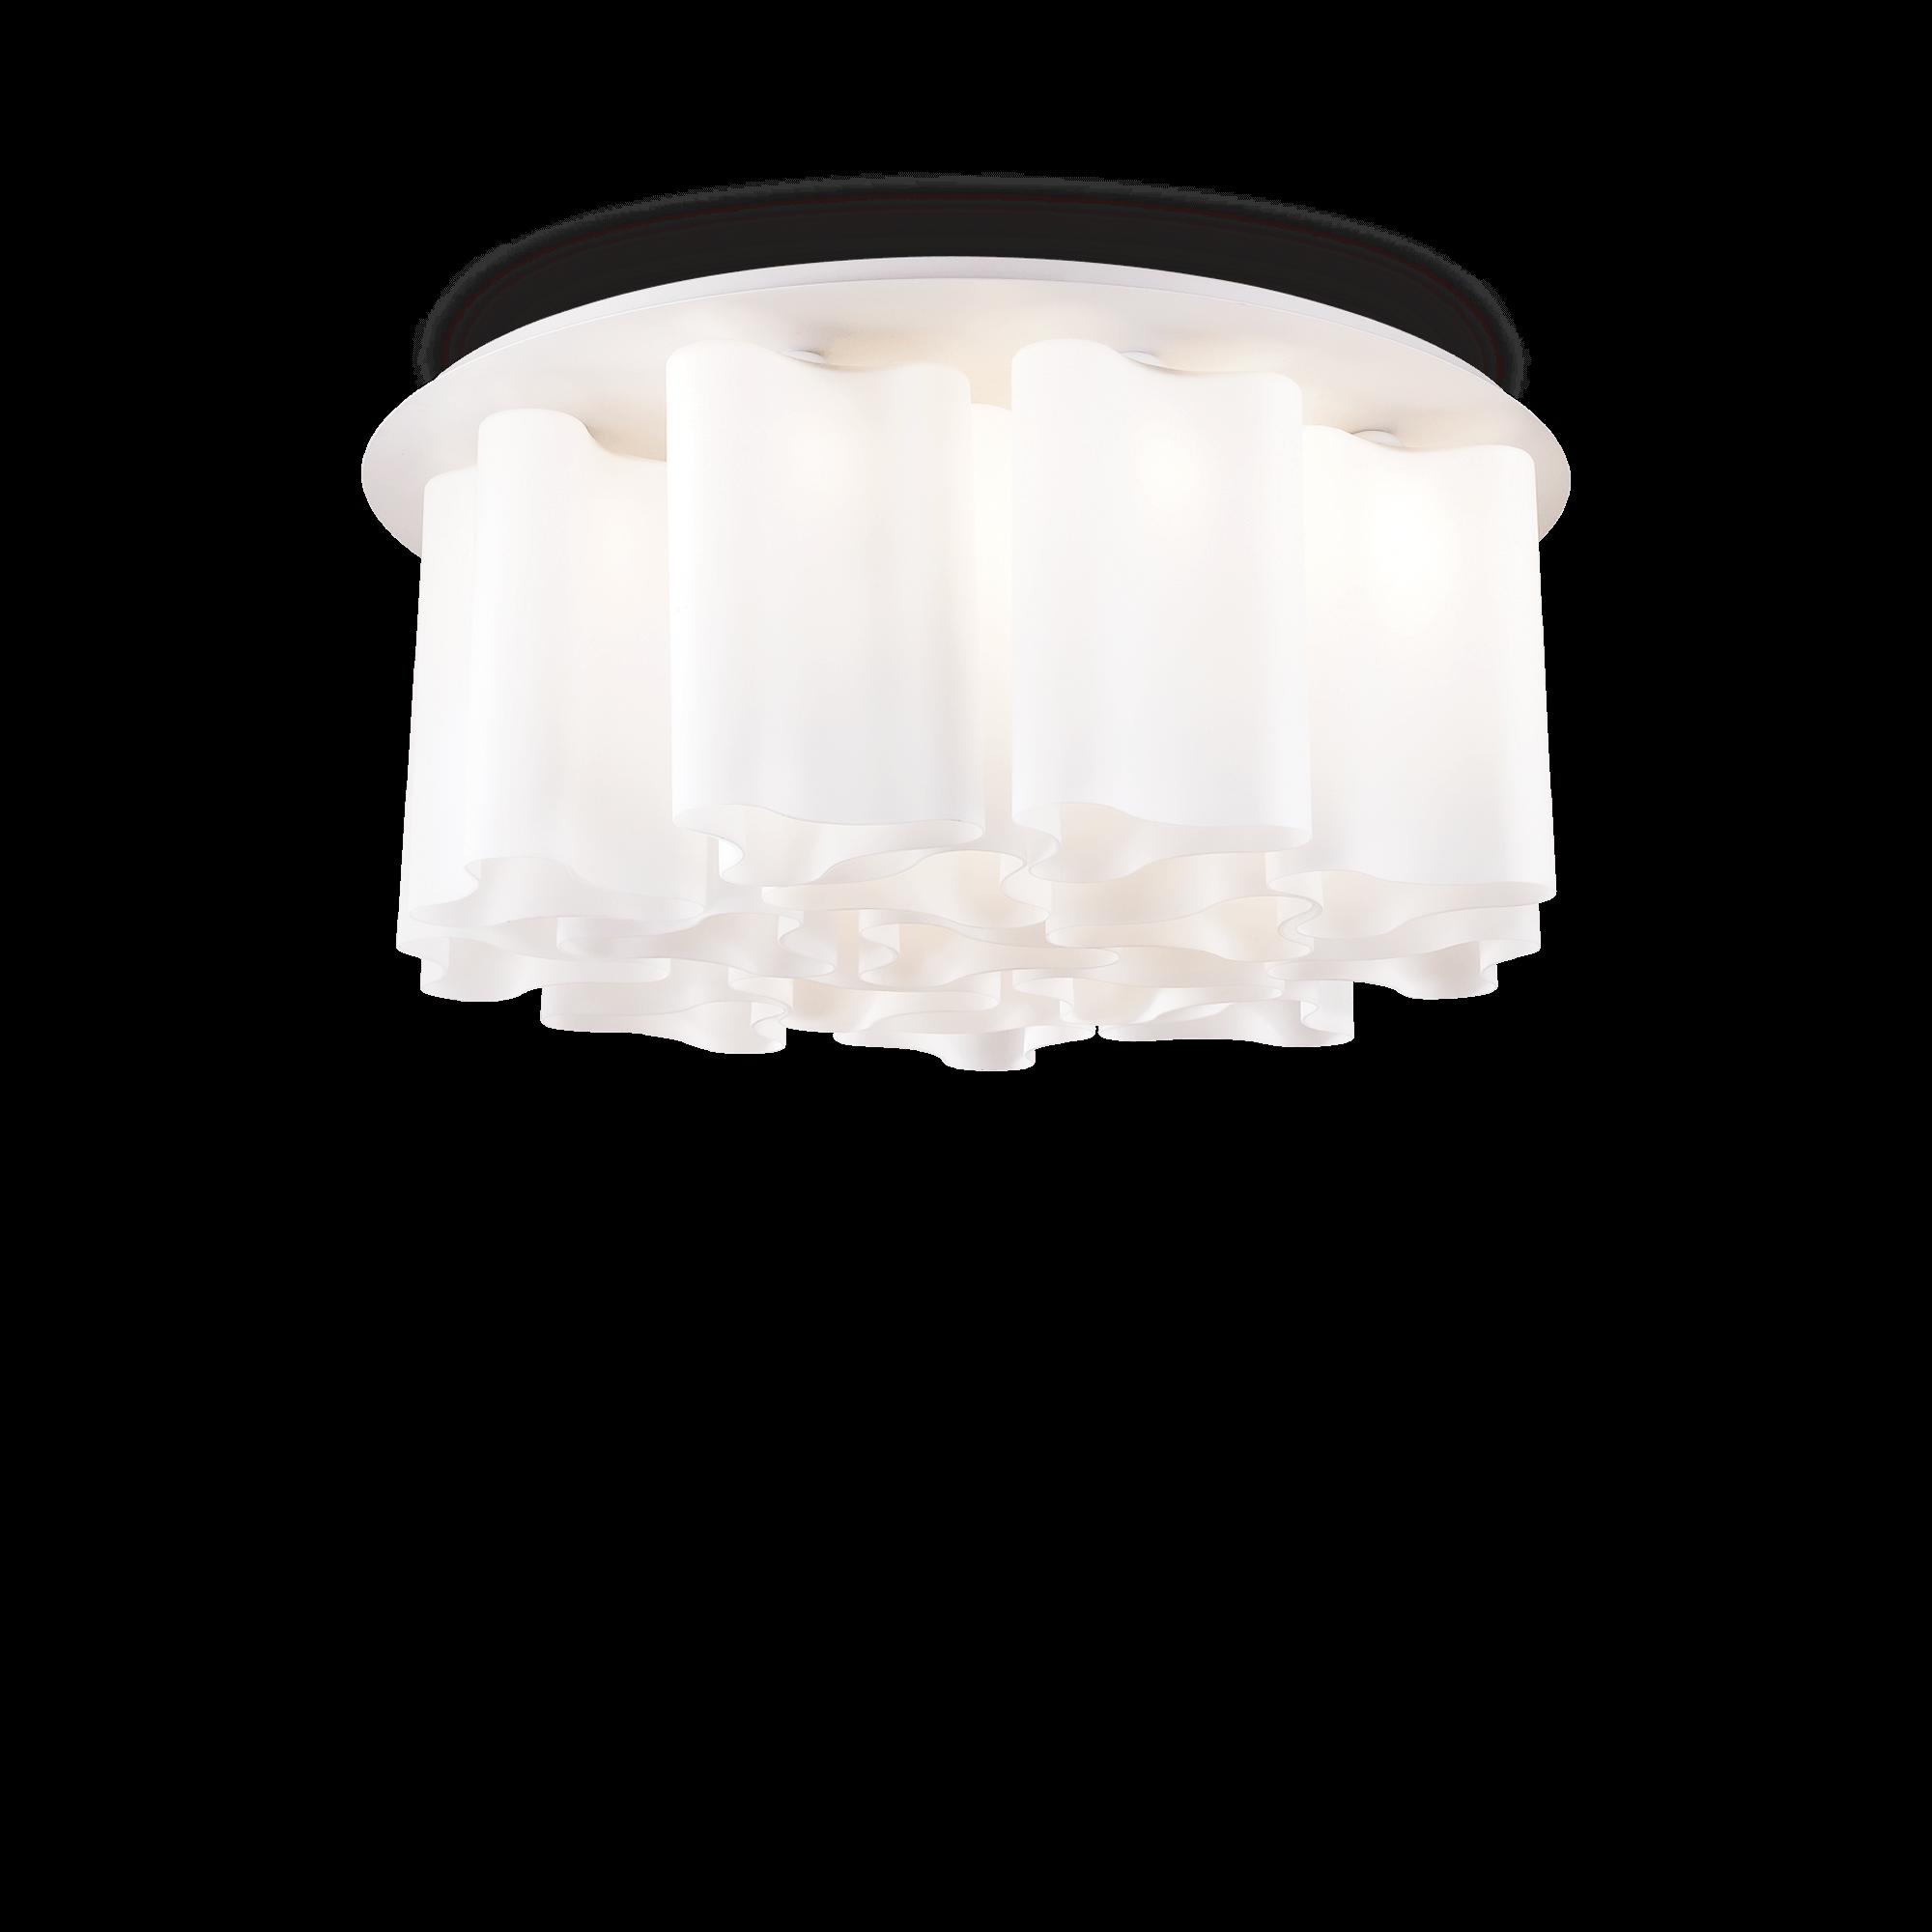 Ideal Lux 125565 COMPO PL15 Bianco mennyezeti lámpa